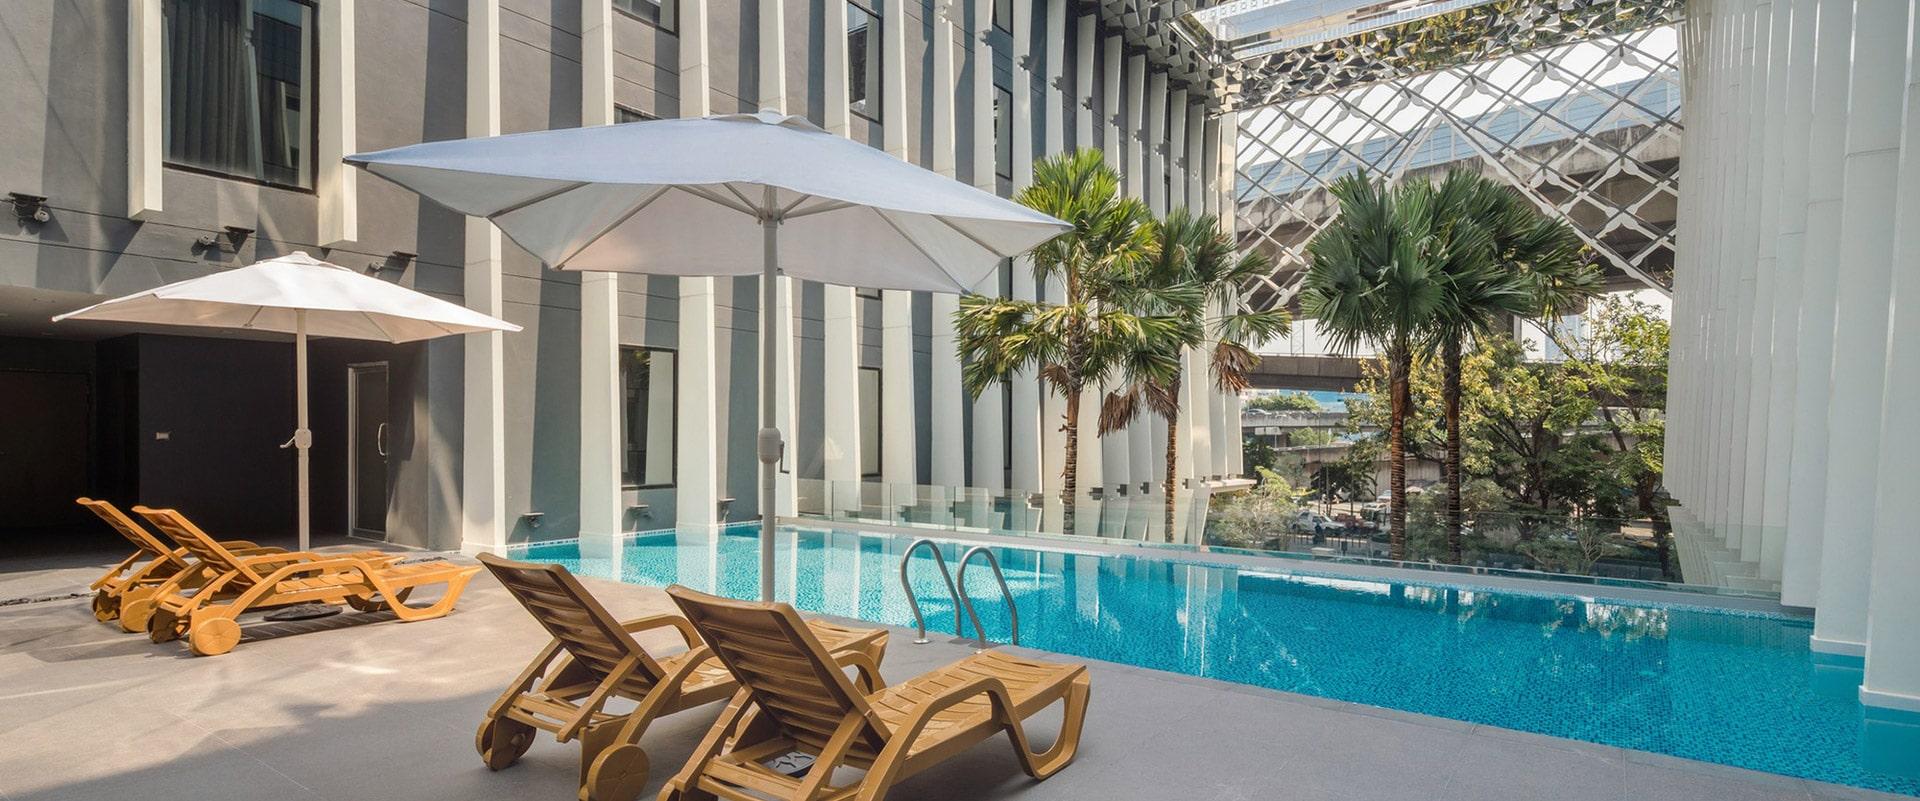 Architect Bangkok Midtown Hotel Plan